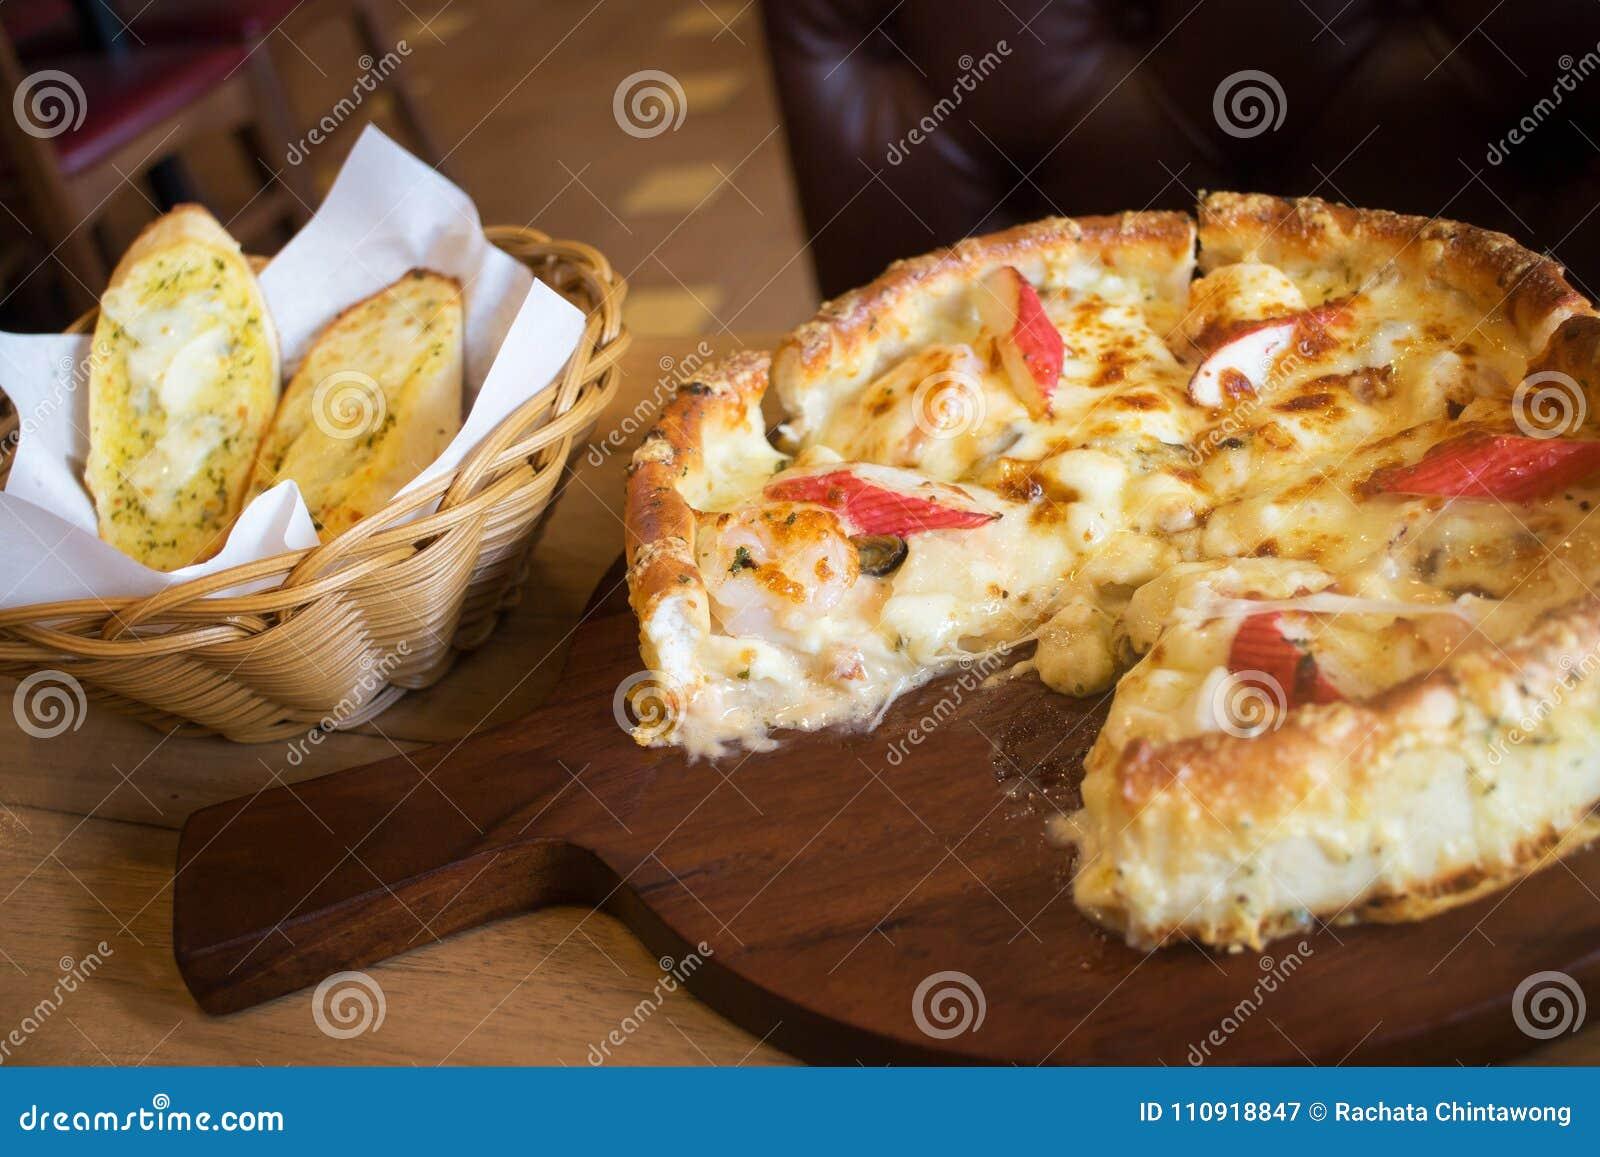 Estilo Profundo De Chicago De La Pizza De Los Mariscos Del Plato Con ...